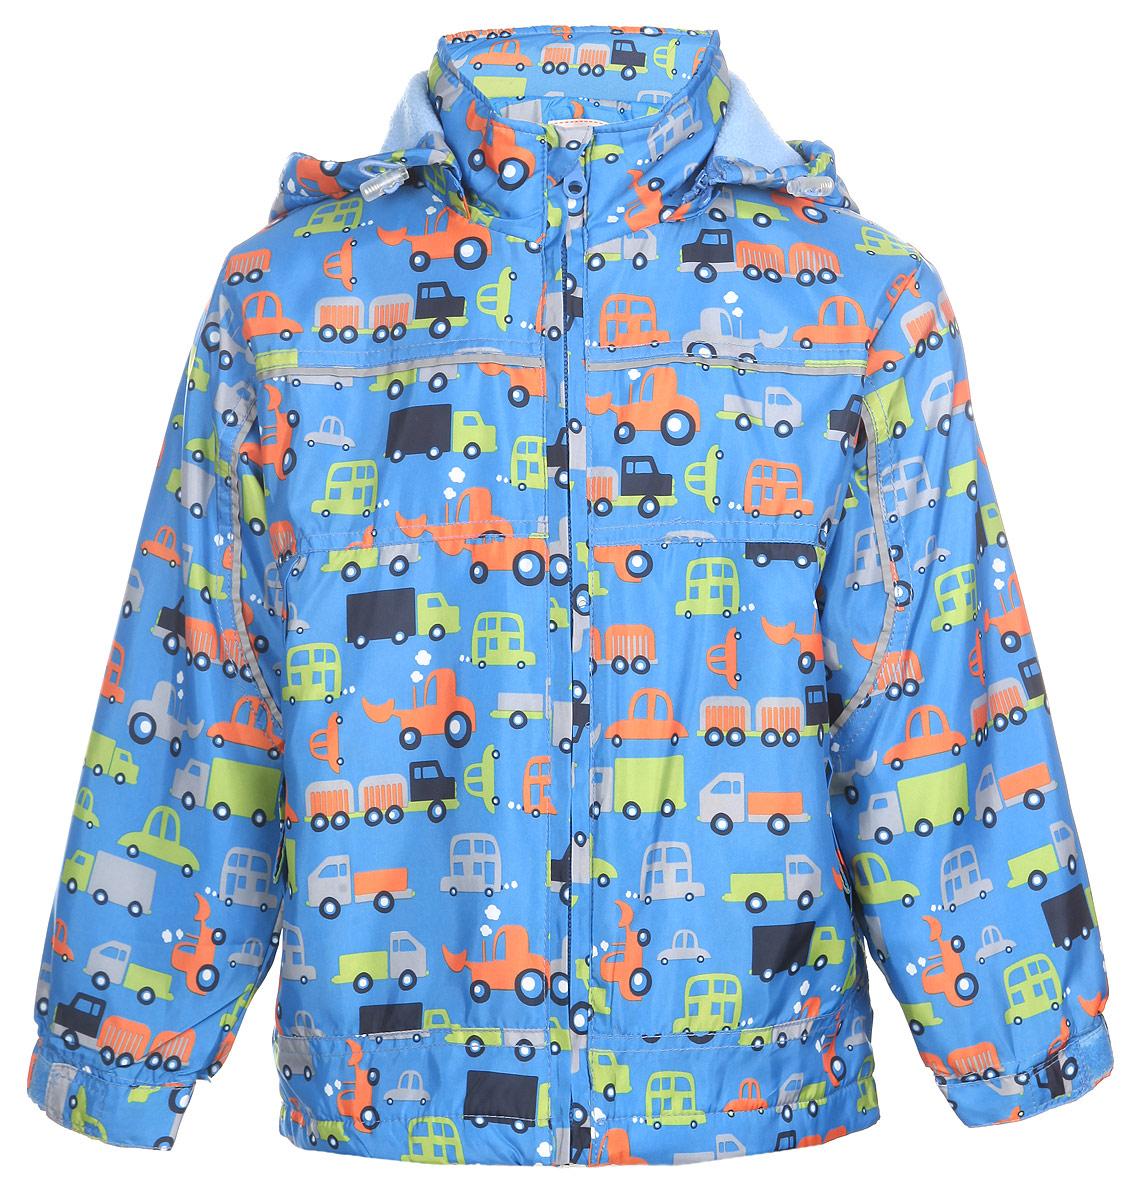 Куртка для мальчика M&D, цвет: голубой. MD111525R-10. Размер 98111525RЯркая куртка для мальчика M&D идеально подойдет для ребенка в прохладное время года. Она выполнена из полиэстера и дополнена мягкой и теплой флисовой подкладкой.Куртка с воротником-стойкой застегивается на удобную застежку-молнию. Съемный капюшон фиксируется при помощи молнии, его объем регулируется при помощи эластичного шнурка со стопперами. Рукава оснащены широкими эластичными резинками, не стягивающими запястья, и хлястиками на липучках. Низ модели дополнен скрытым эластичным шнурком со стопперами. По бокам курточка дополнена двумя втачными кармашками на застежках-молниях. Изделие оформлено красочным принтом с изображением автомобилей и дополнена светоотражающими полосками. В такой куртке ваш маленький мужчина будет чувствовать себя комфортно, уютно и всегда будет в центре внимания!